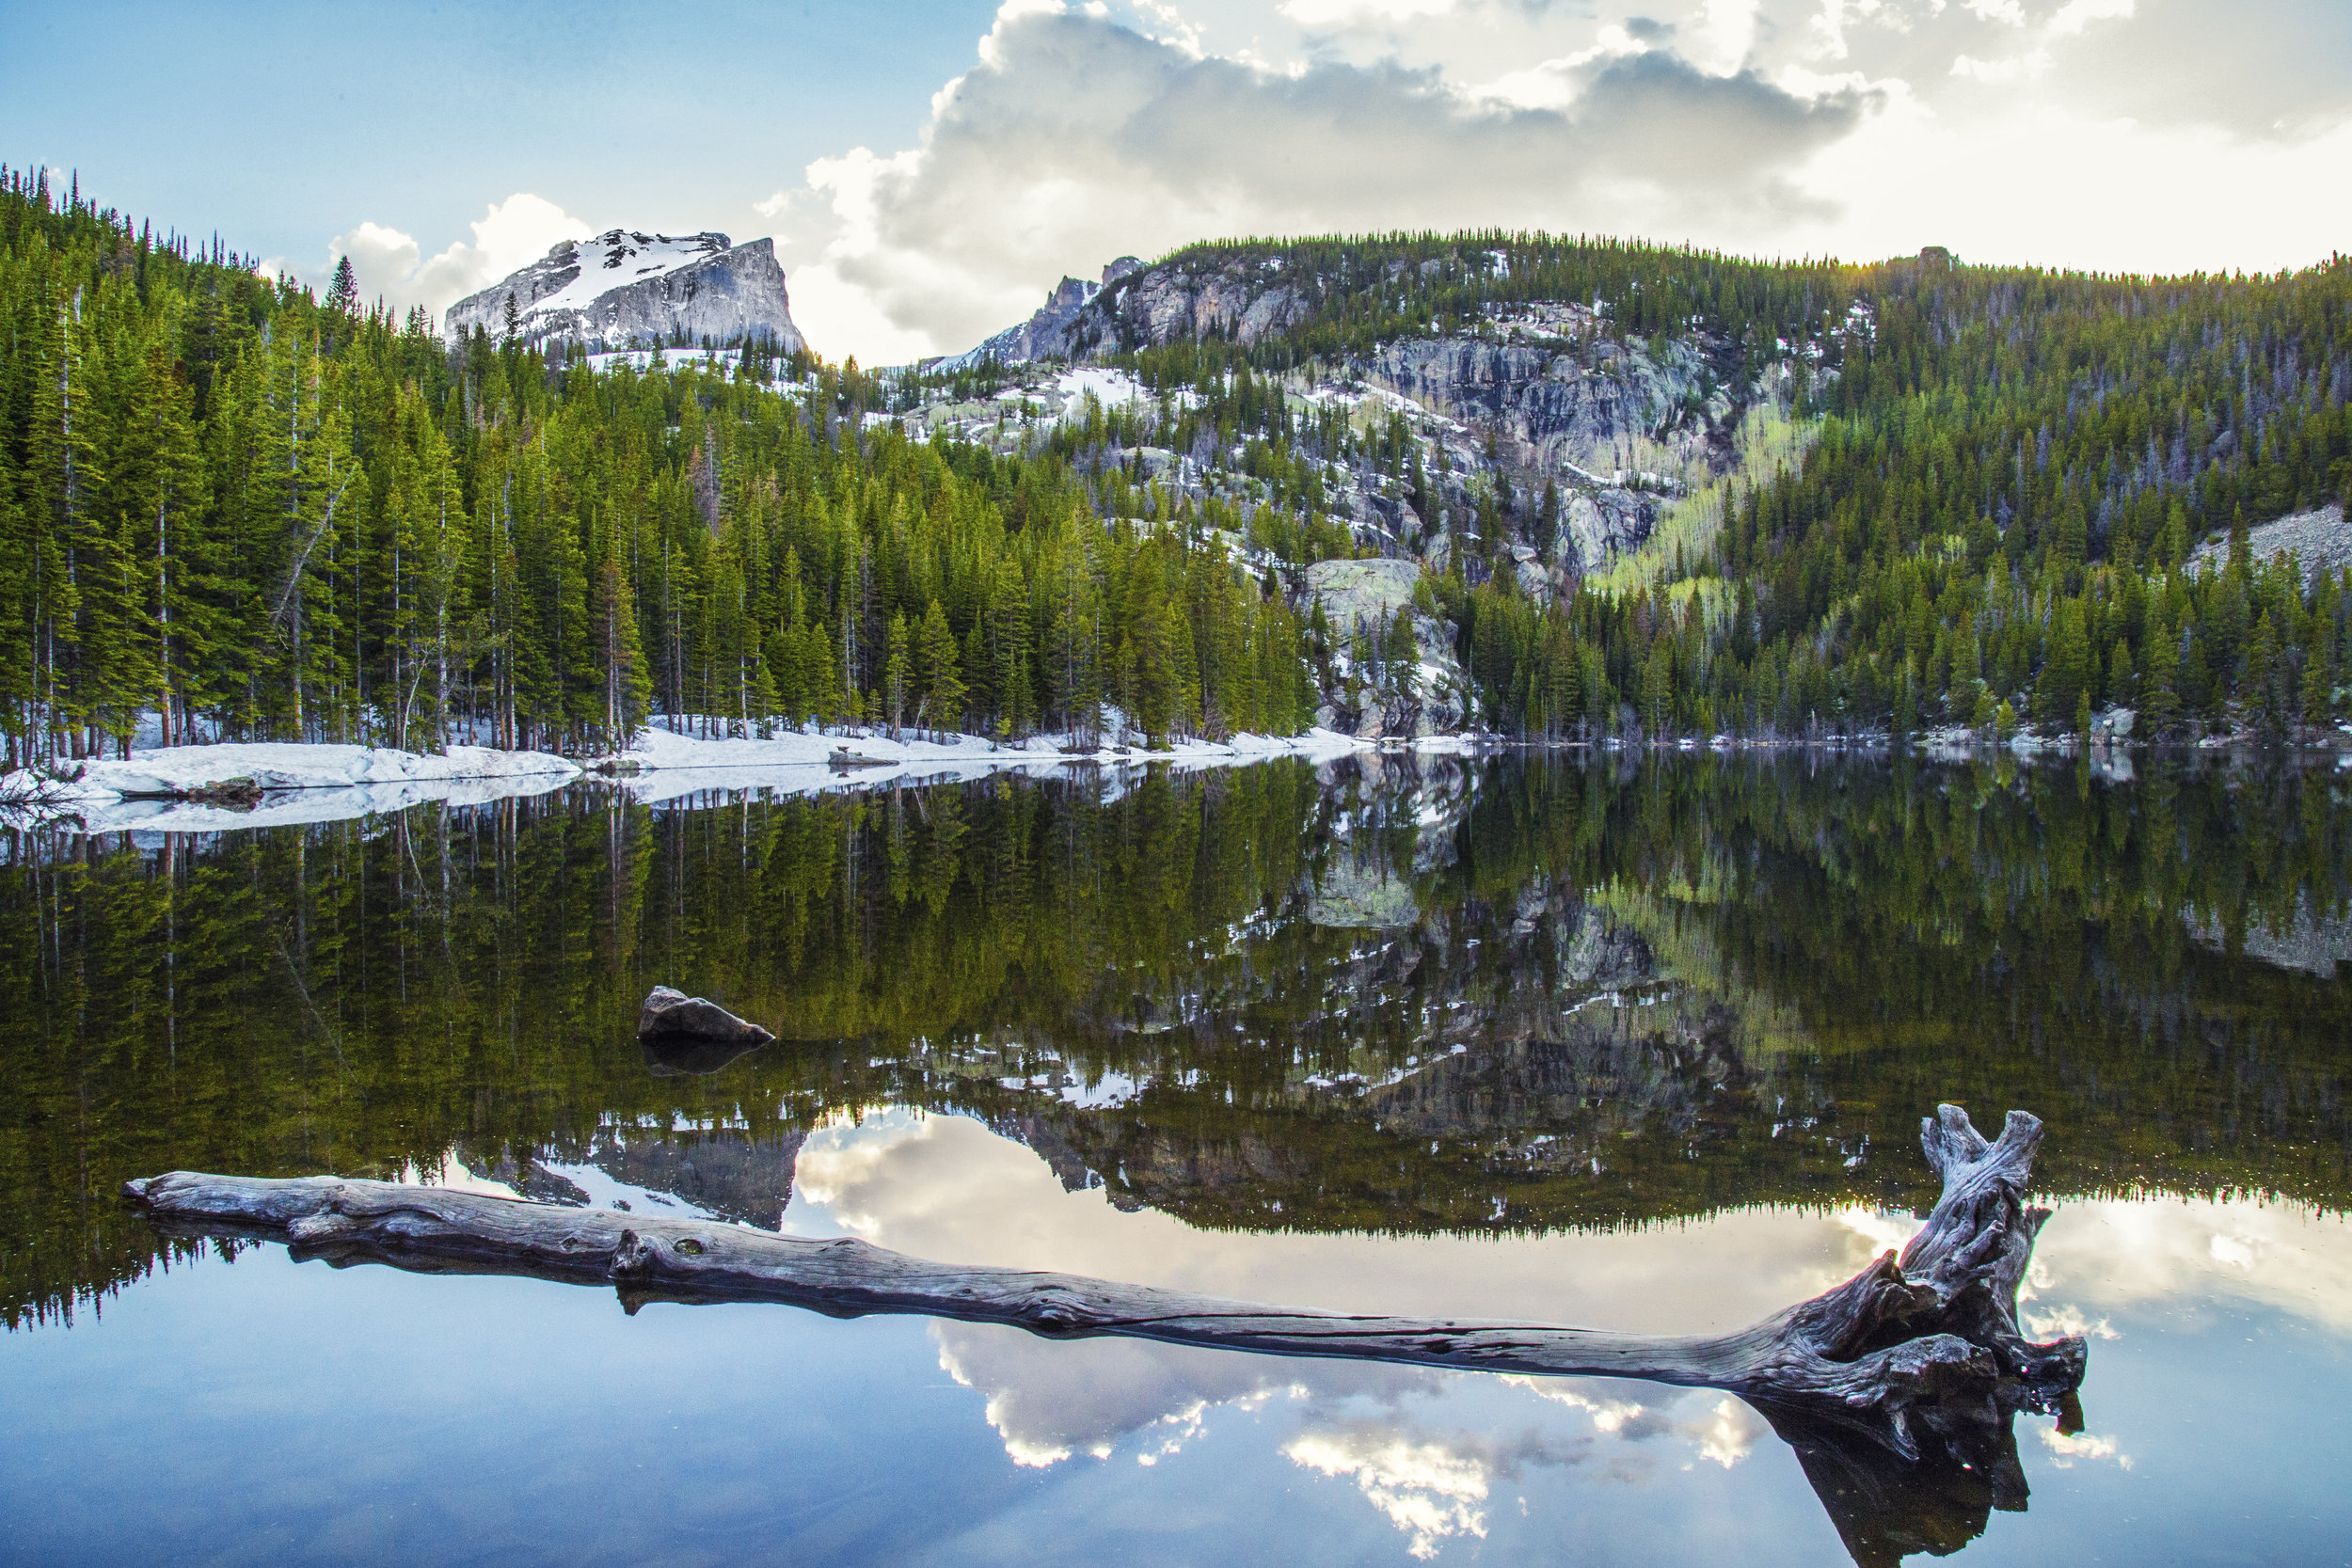 Summer at Bear Lake